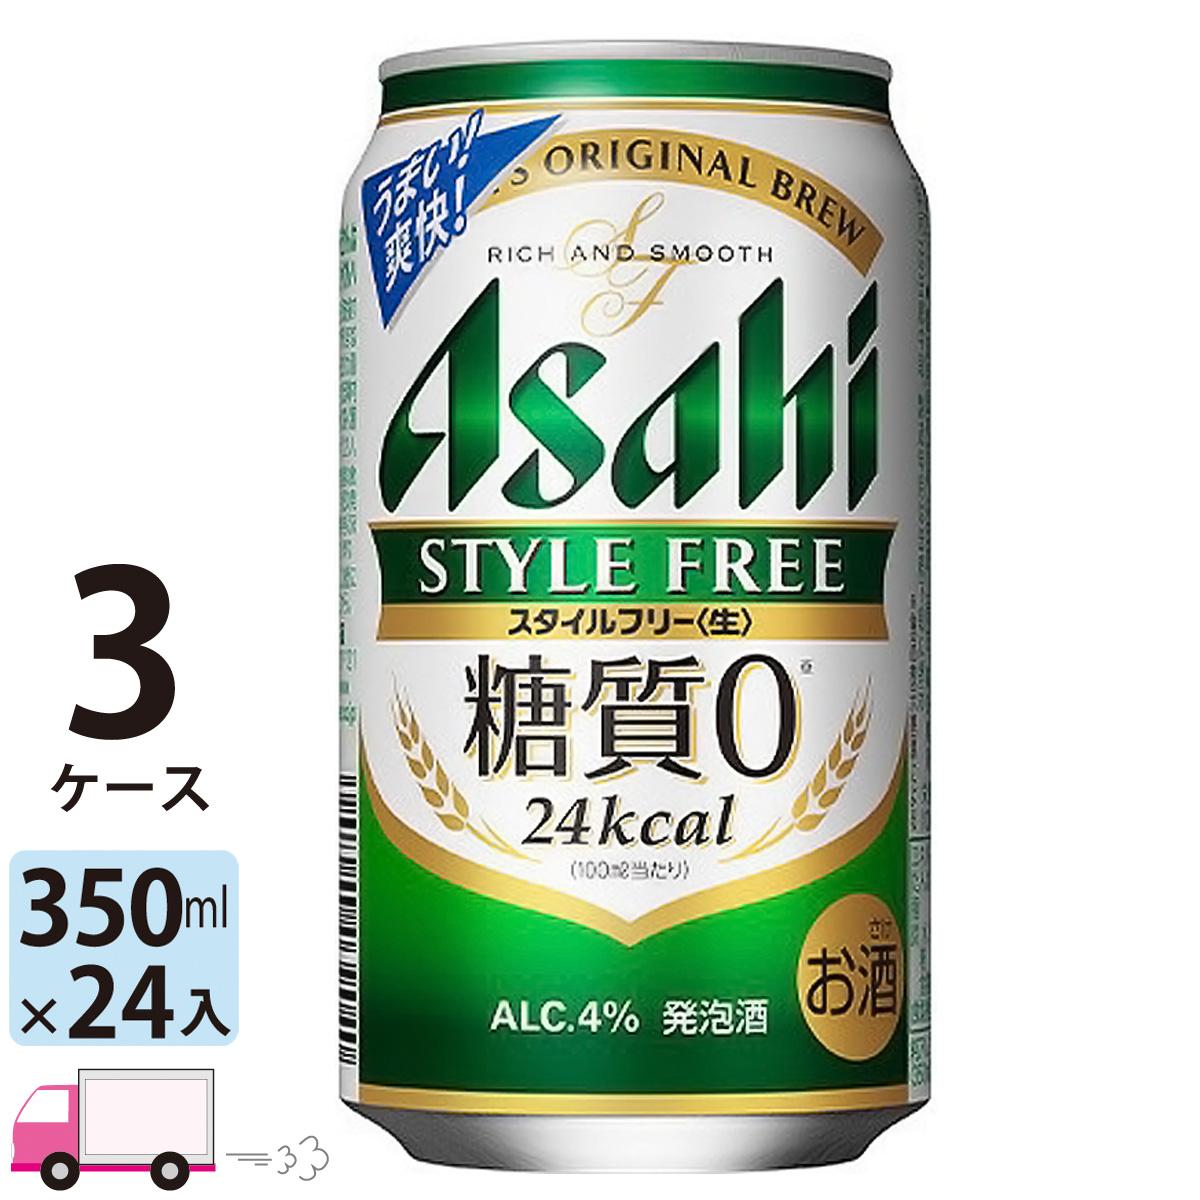 「糖質0」の発泡酒。すっきり爽快な飲みやすさとしっかりした麦の味わいが特長。<生>製法で本格的な飲みごたえ。糖質の気になる方にも嬉しい商品です。 送料無料 アサヒ ビール スタイルフリー 350ml ×24缶入 3ケース (72本)